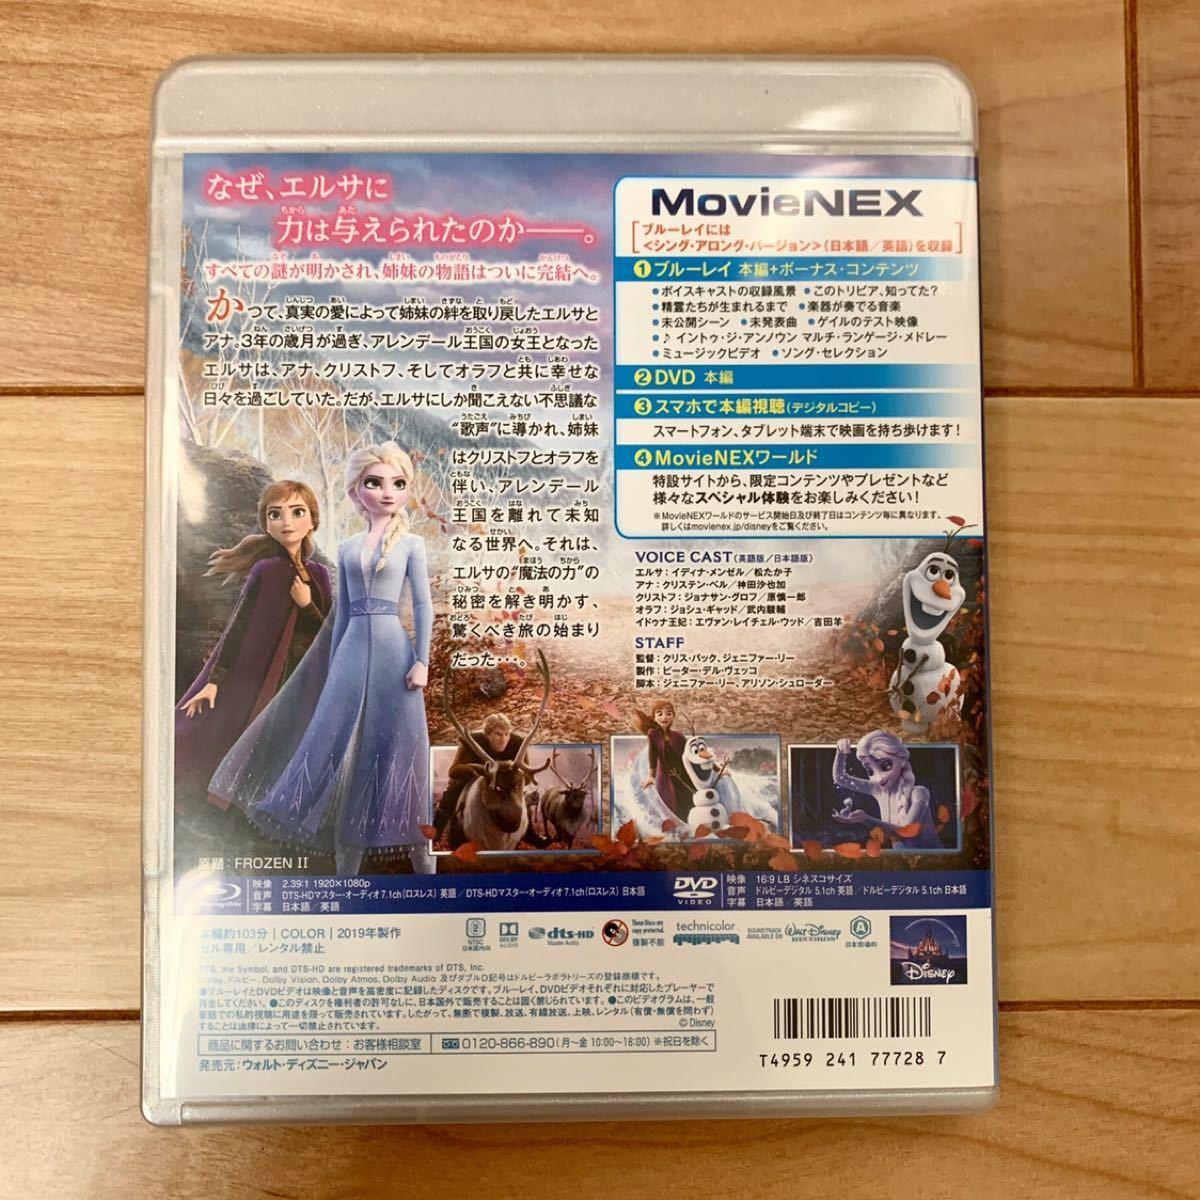 ☆マジックコード付き☆ アナと雪の女王2 ブルーレイ&純正ケース 新品未再生 国内正規品 MovieNEX  Disney